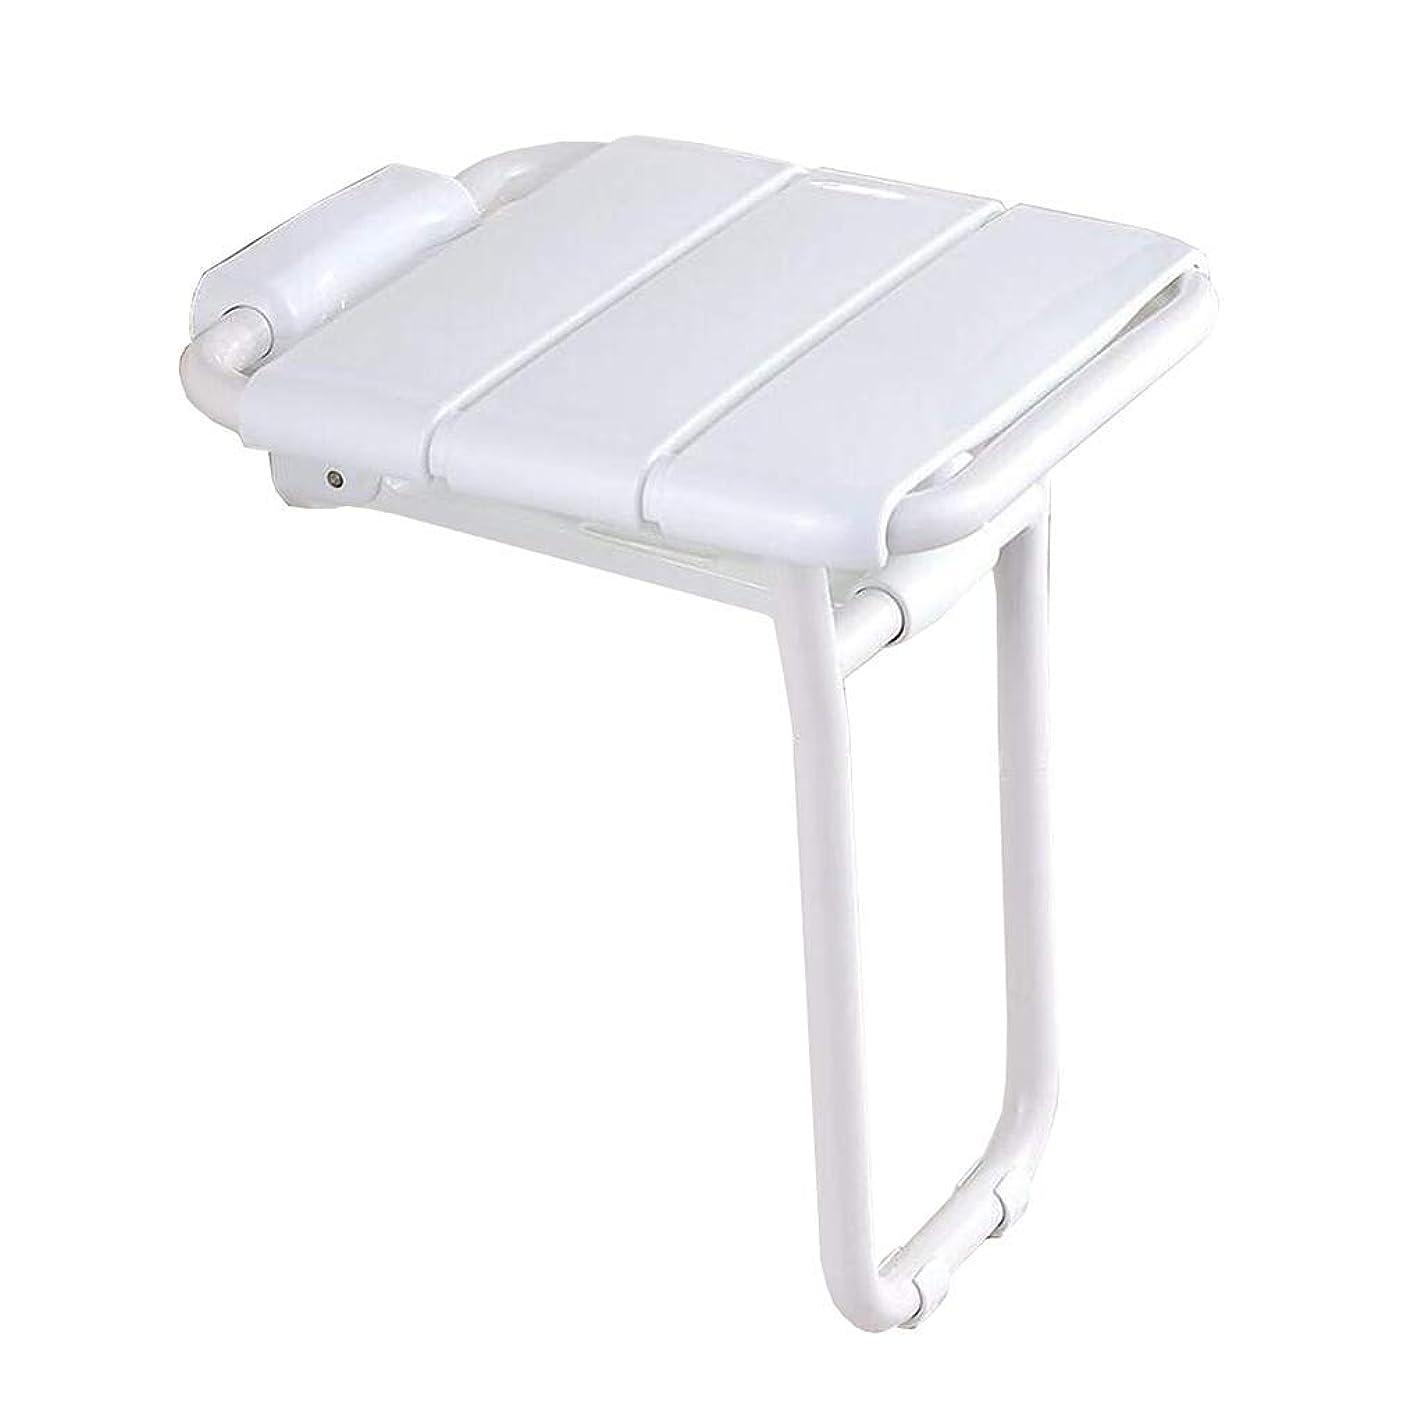 スピーチホップブルーベルHUIHUI トイレ用品 - 浴室折りたたみ壁掛け席エントランス回廊交換スツールバスルームのシャワーチェア障害/妊婦/高齢者の滑り止めマックス。130キロ滑り止めシャワーシートスツール